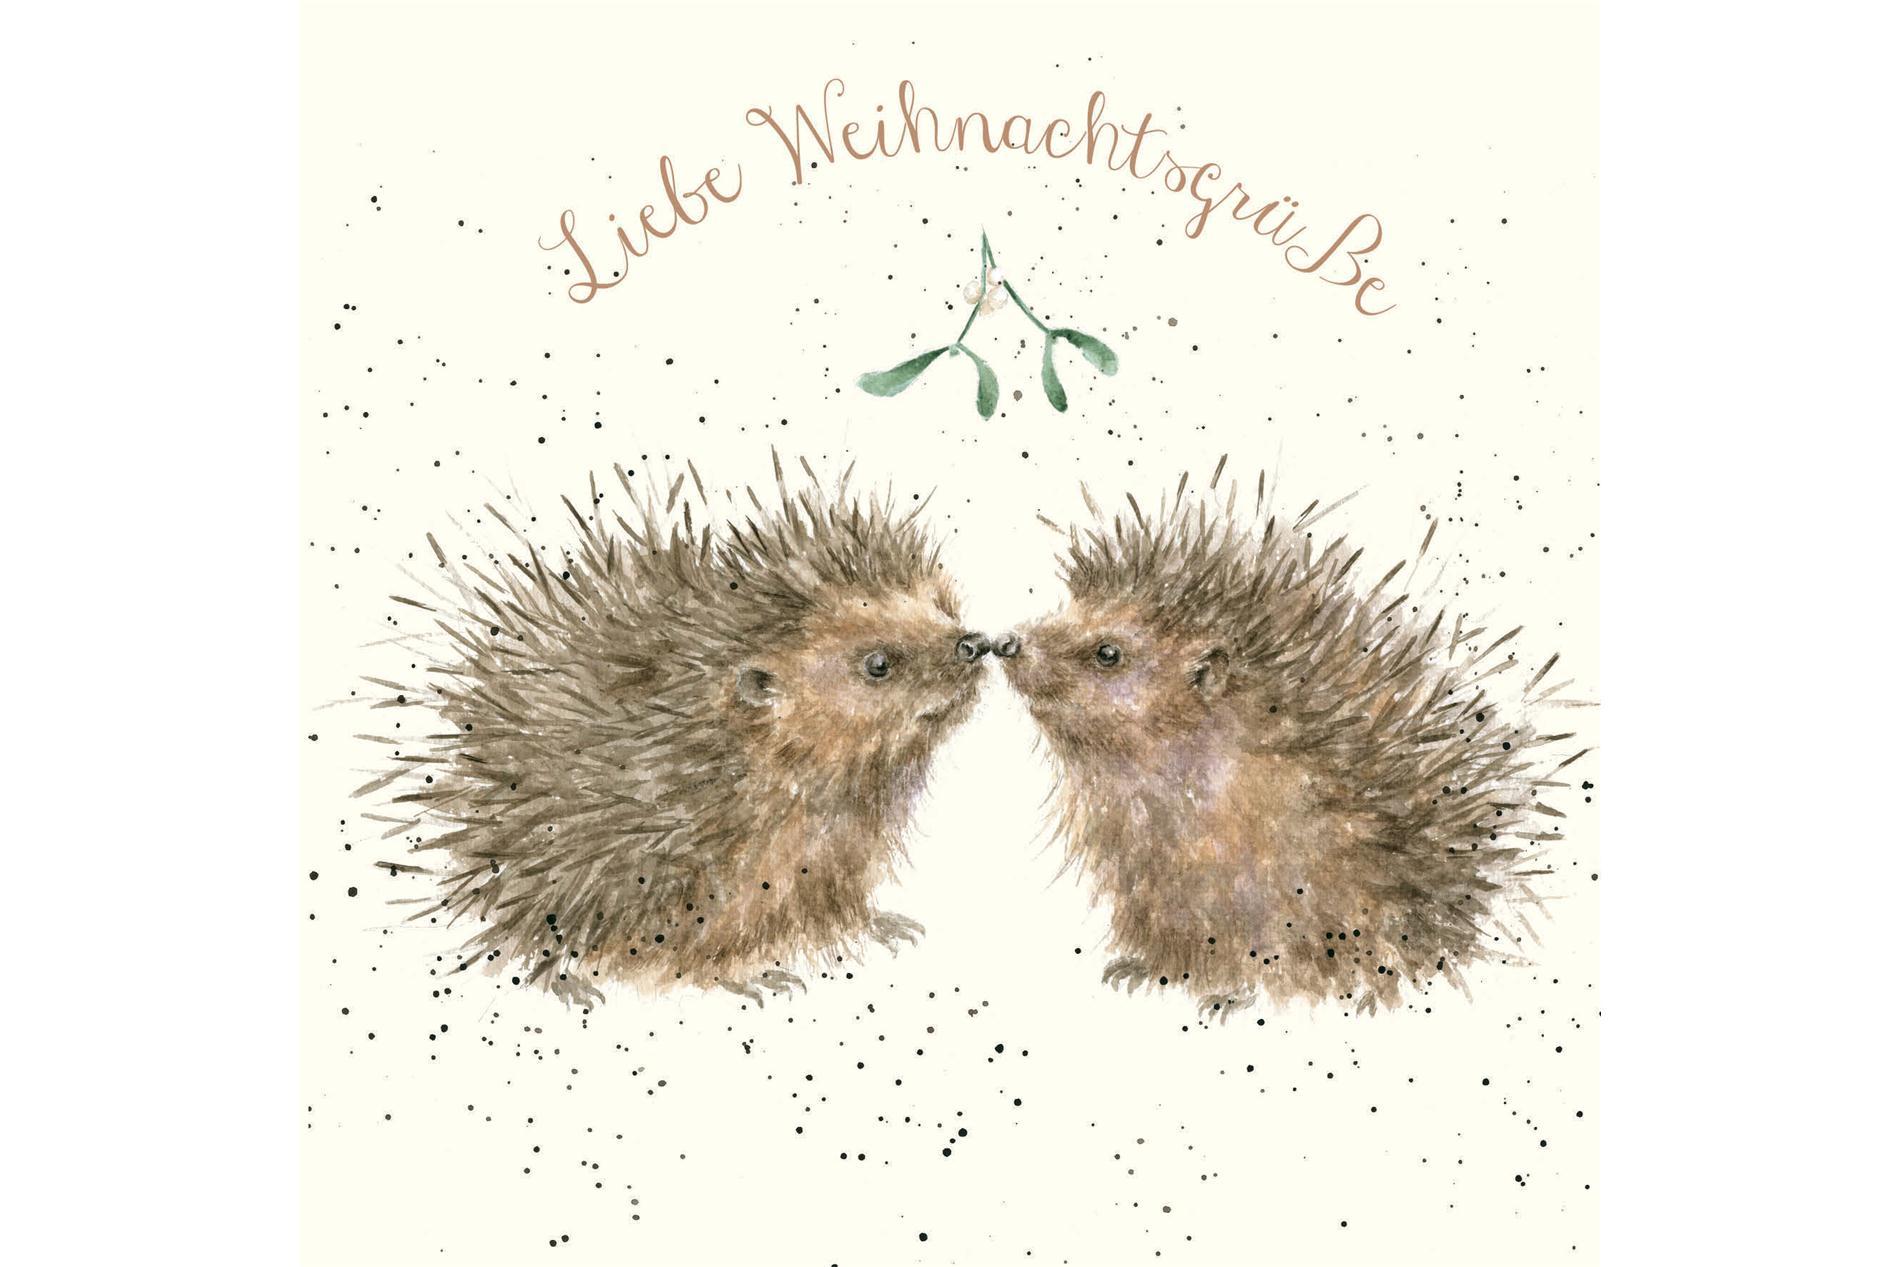 Wrendale Doppelkarte Weihnachten mit Umschlag, Liebe Weihnachtsgrüße, Motiv Igel & Mistelzweig,15x15 cm